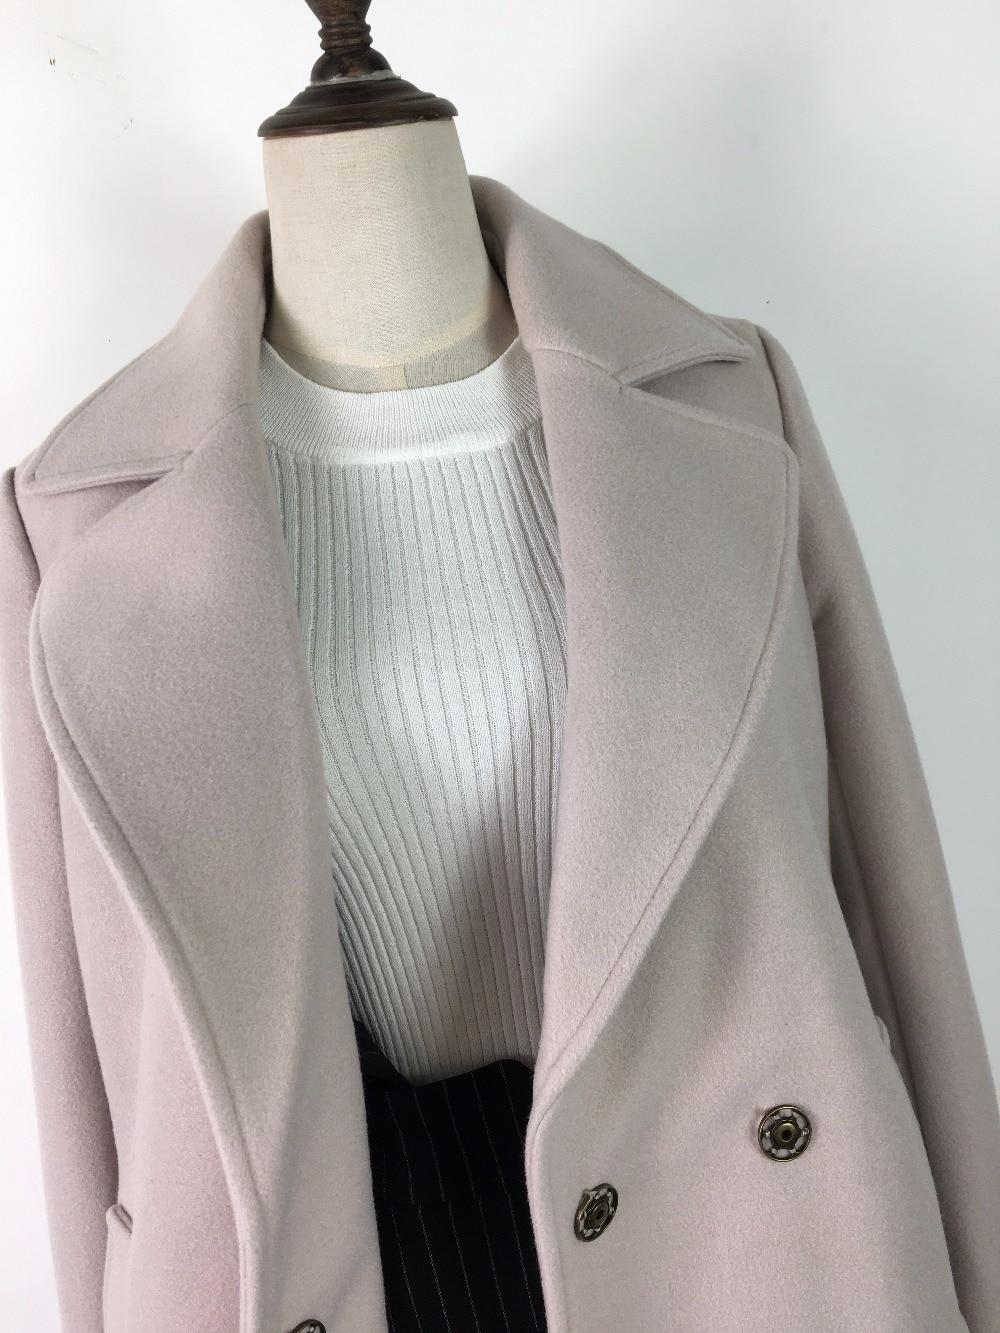 De Simple Style Manteaux Ceintures Nouvelle Gray 2017 Conception Longue Beige Femmes Vestes Laine RqCSfY